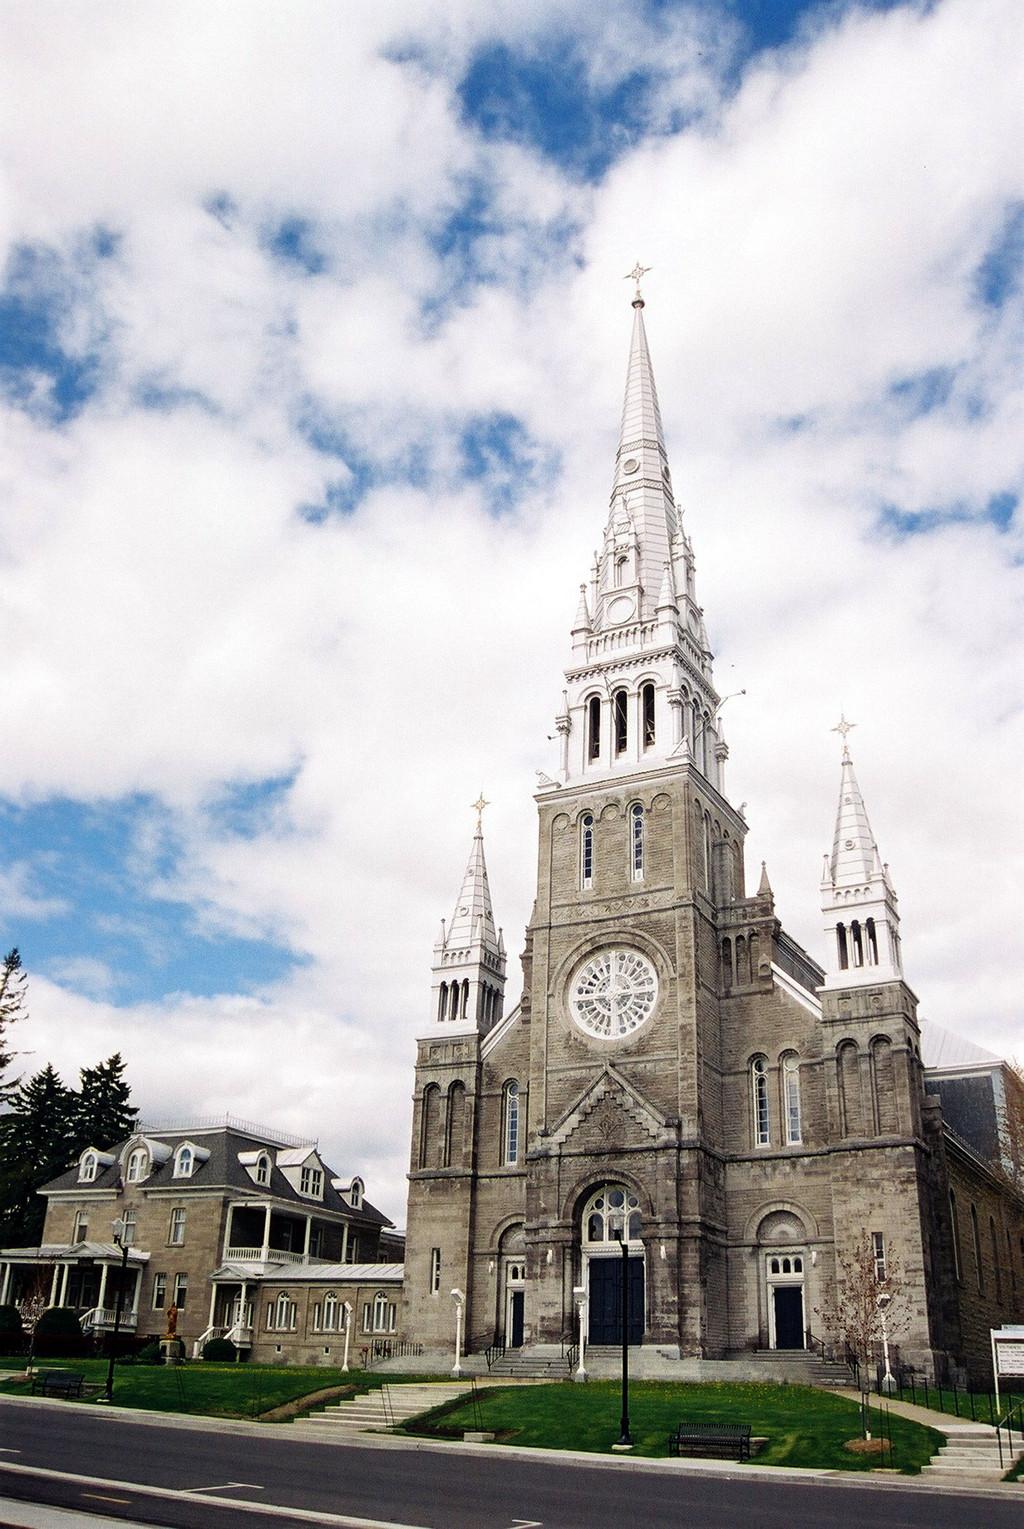 Glise sainte th r se d 39 avila le monde en images - Eglise sainte therese guilherand granges ...